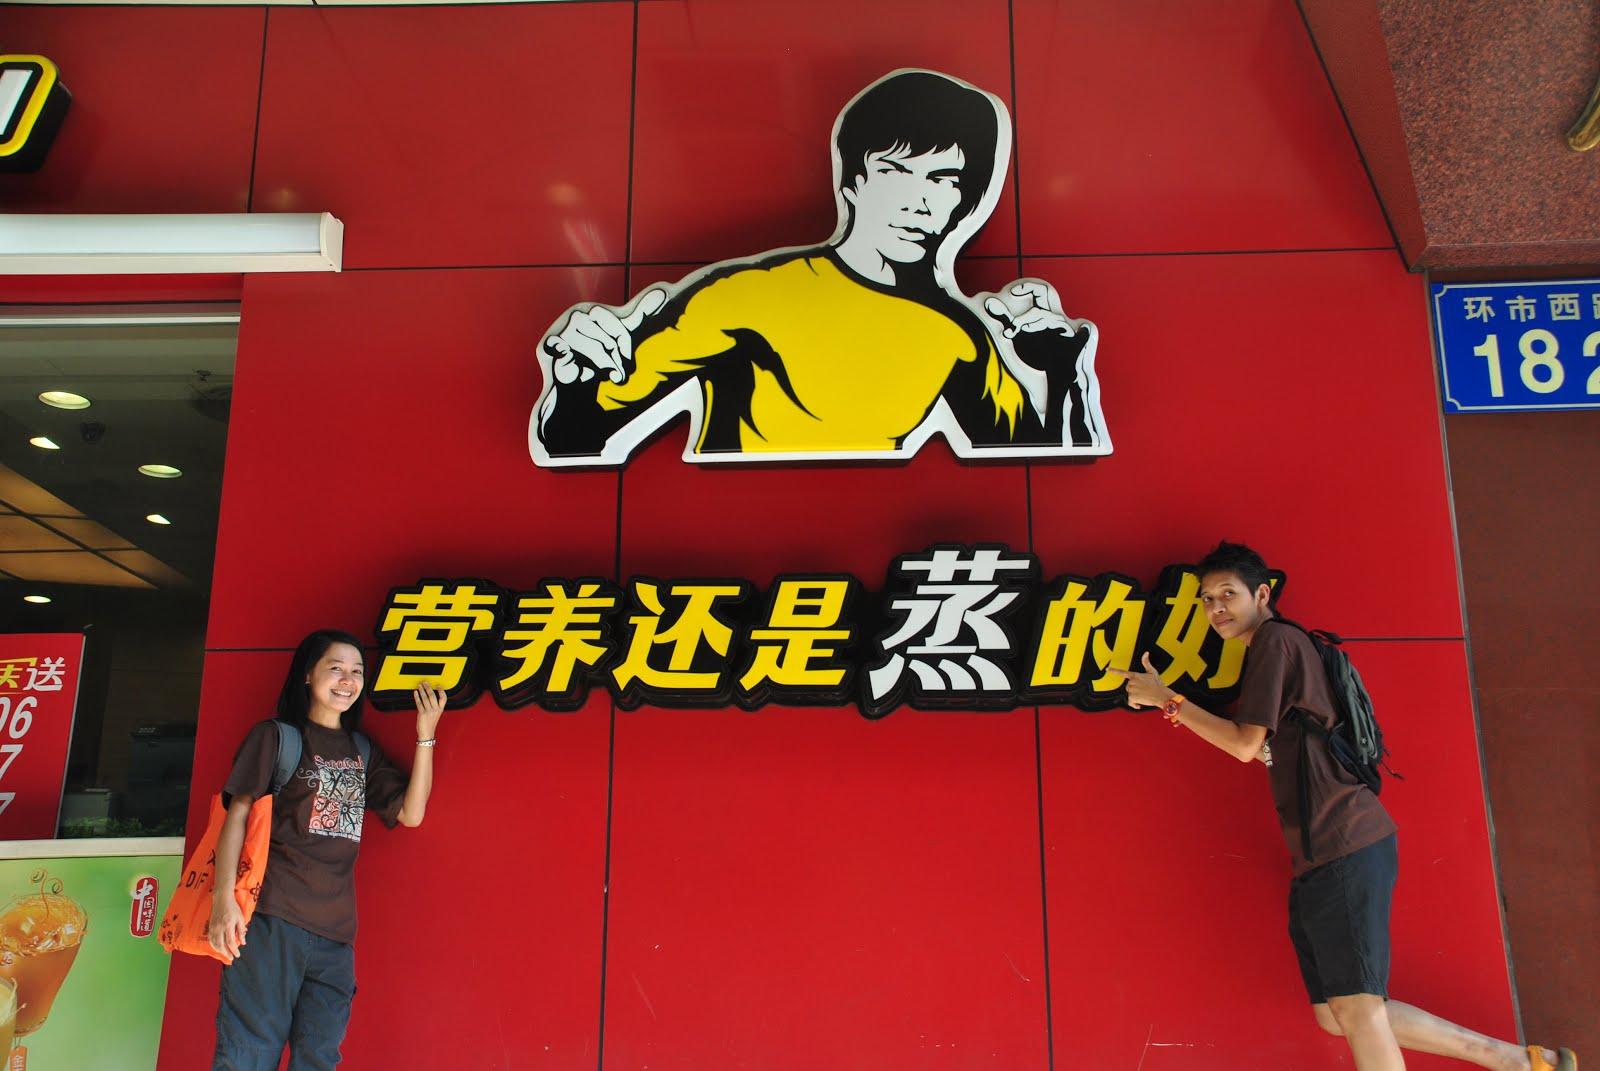 Guangzhou China 2013